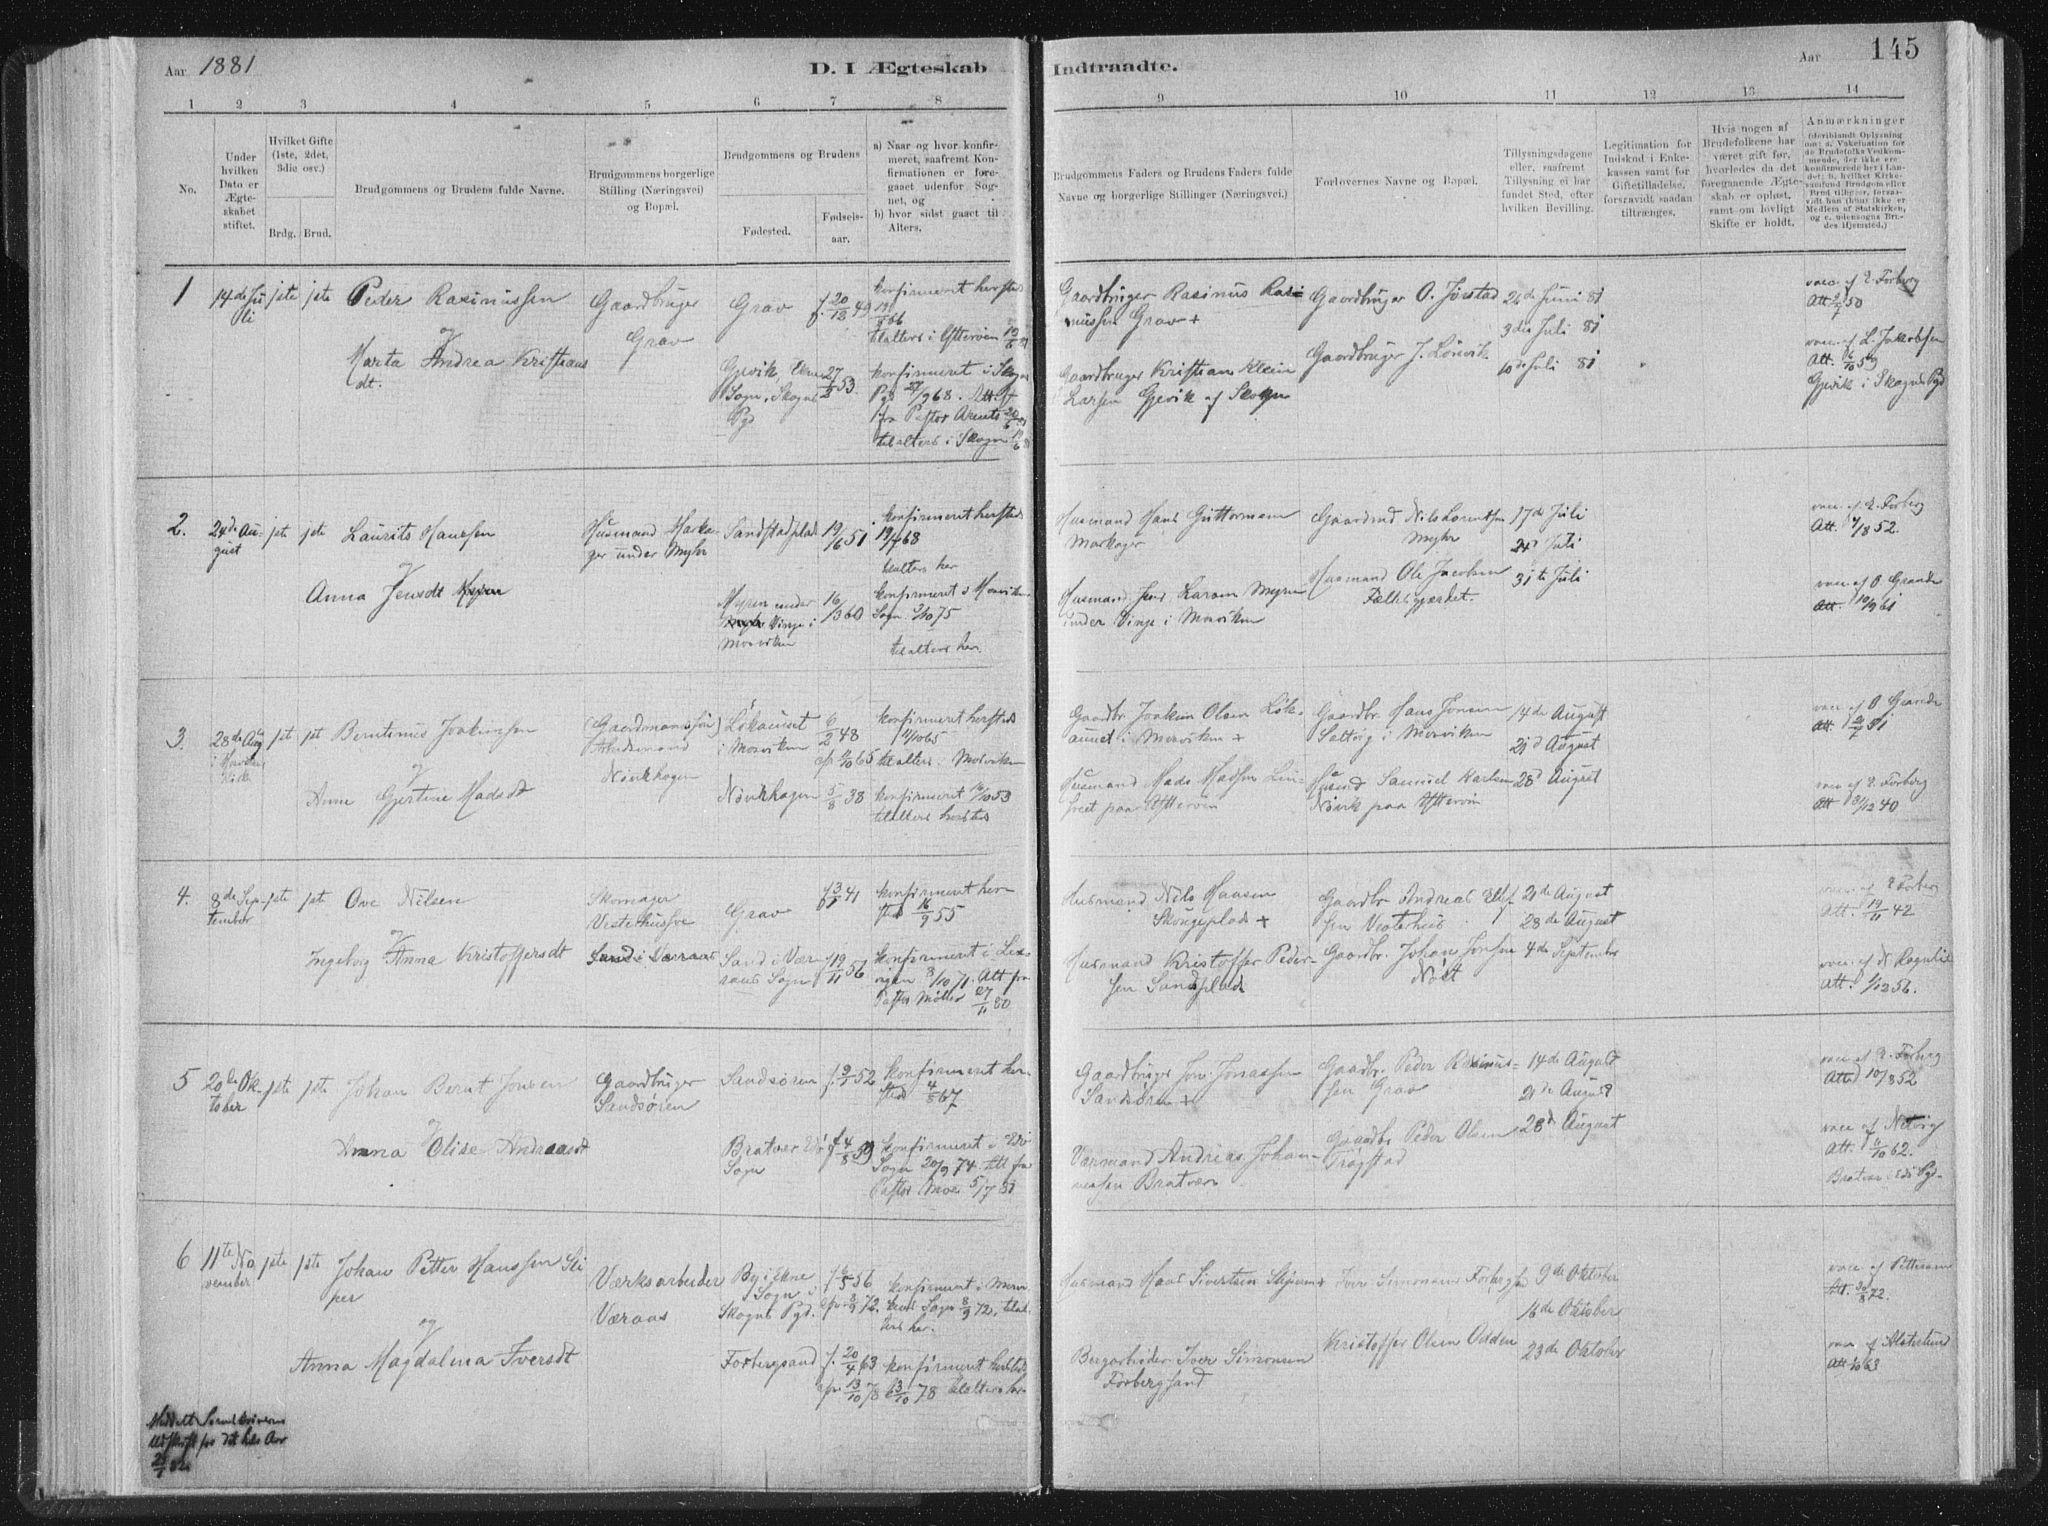 SAT, Ministerialprotokoller, klokkerbøker og fødselsregistre - Nord-Trøndelag, 722/L0220: Ministerialbok nr. 722A07, 1881-1908, s. 145